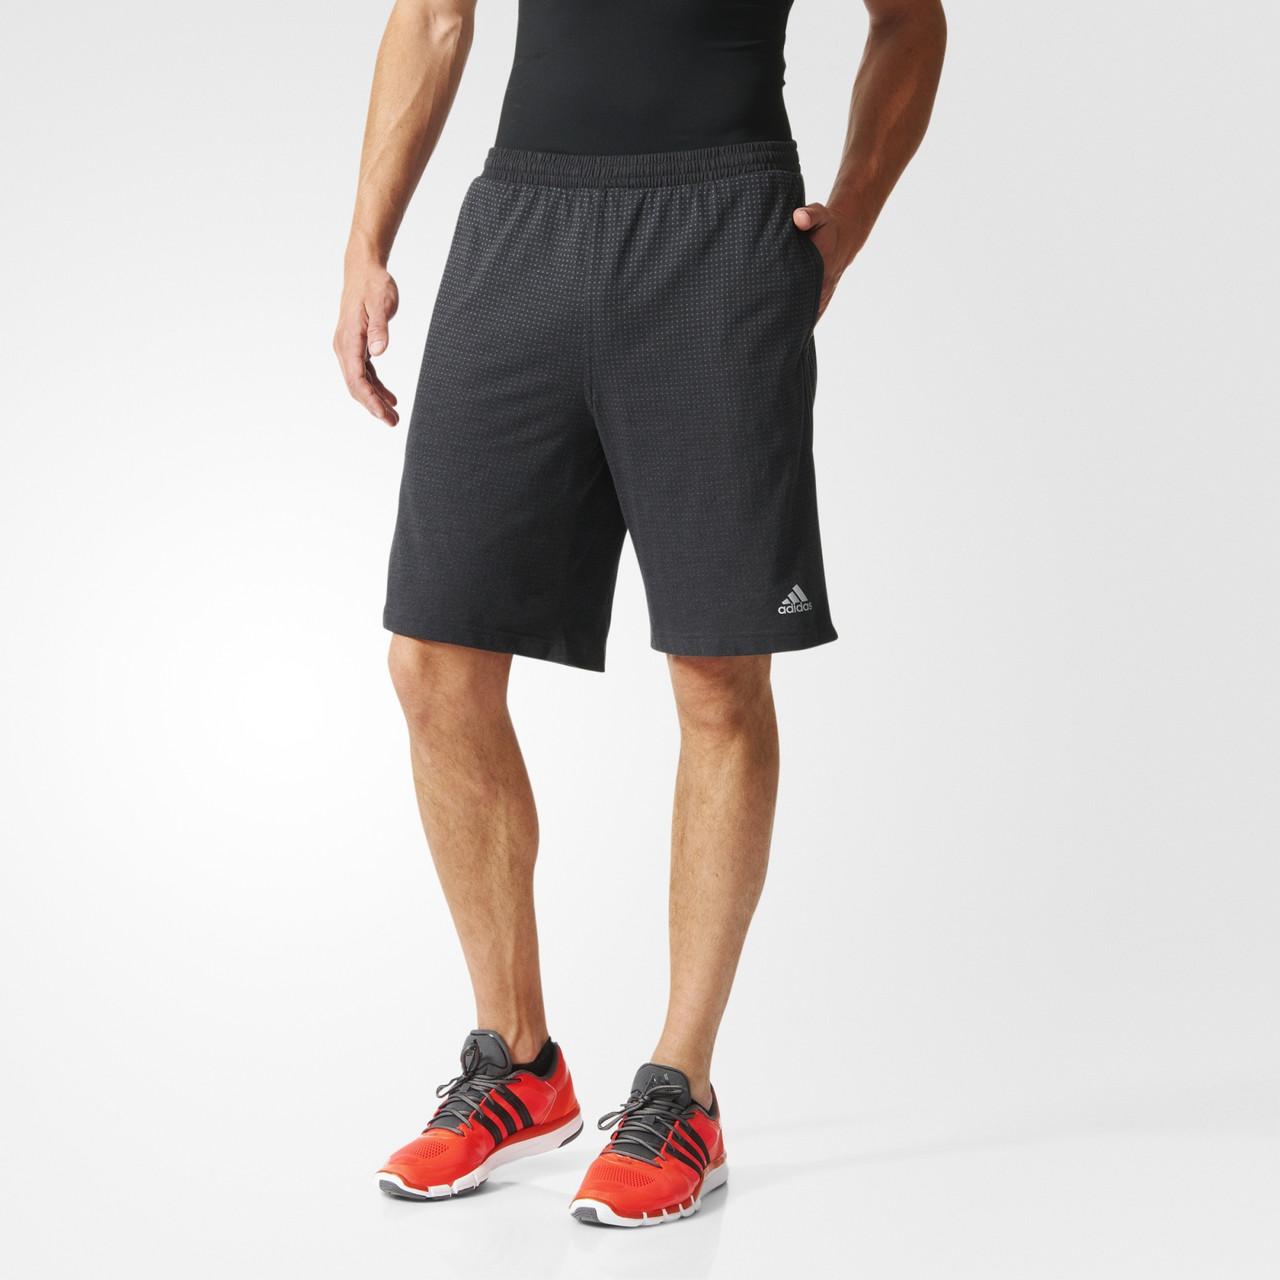 Шорты спортивные, мужские adidas AB6963 AK SHORT SOLID Clima Cool адидас